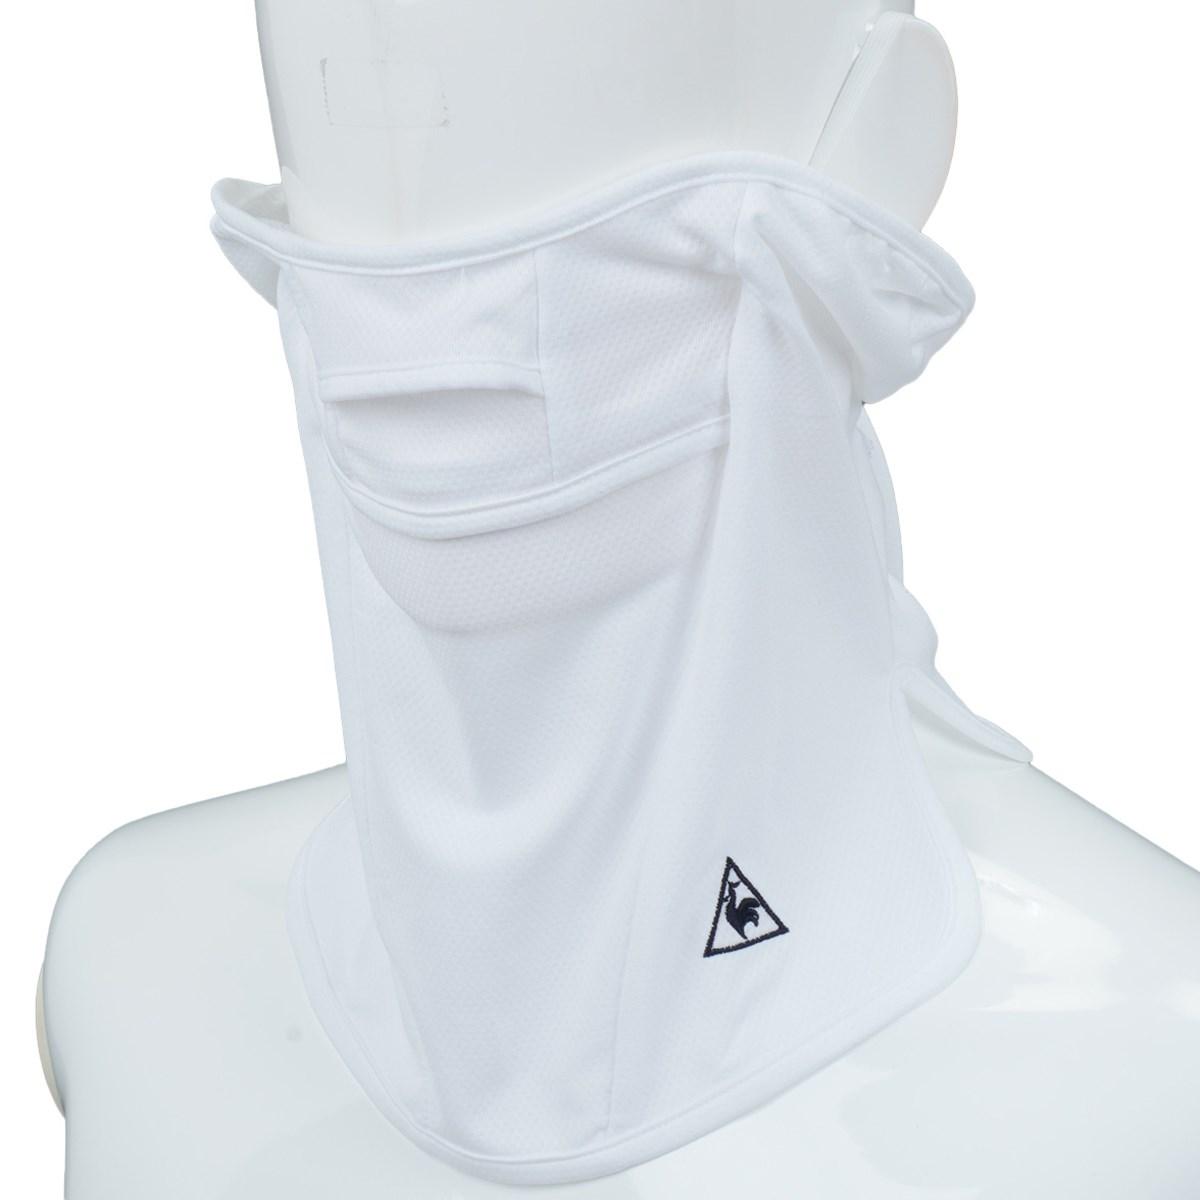 ルコックゴルフ Le coq sportif GOLF フェイスマスク ホワイト 00 フリー レディス